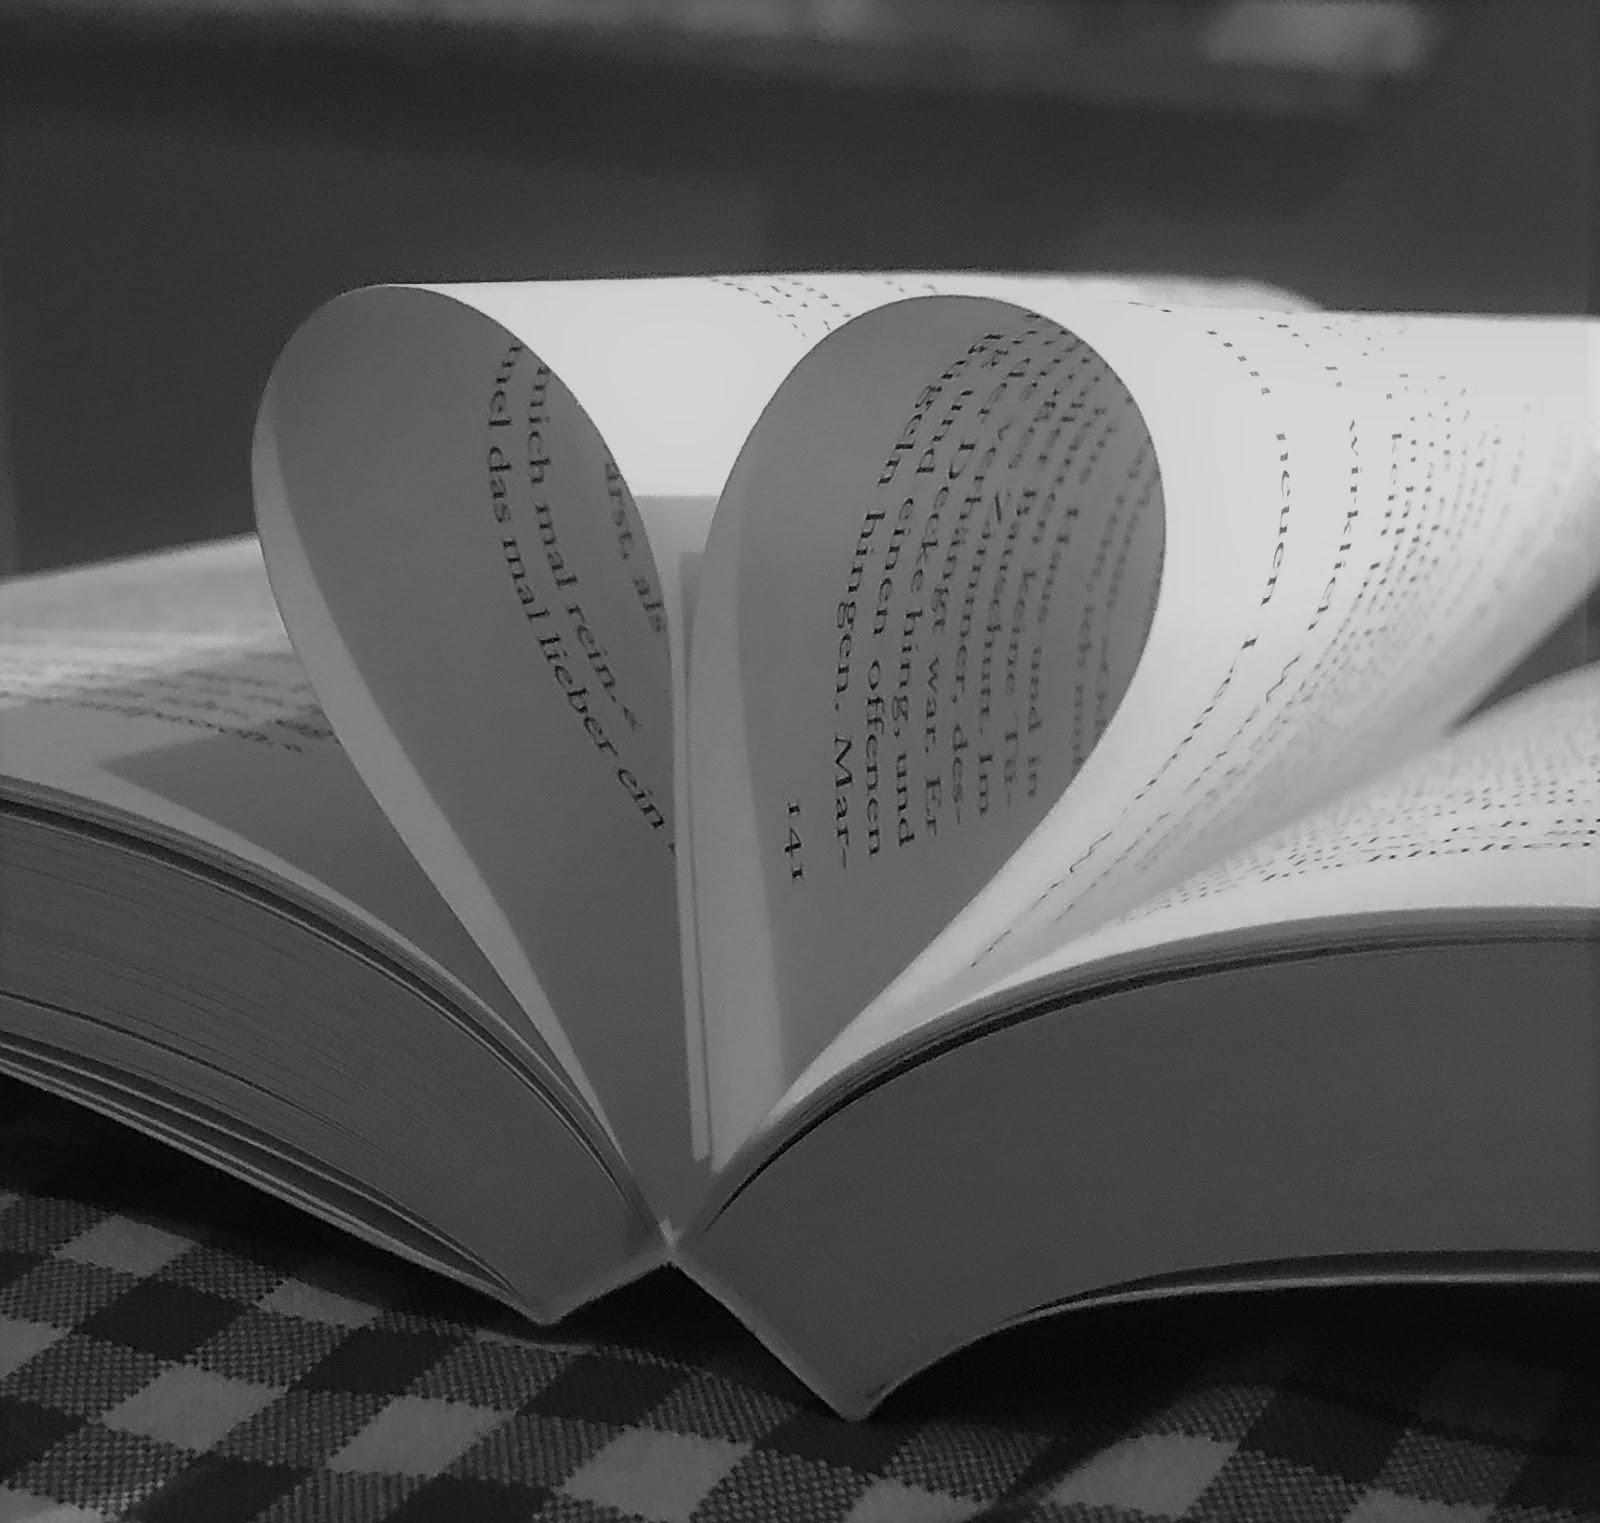 Learning To Live Ein Gedicht Zusammen Ist Man Weniger Allein